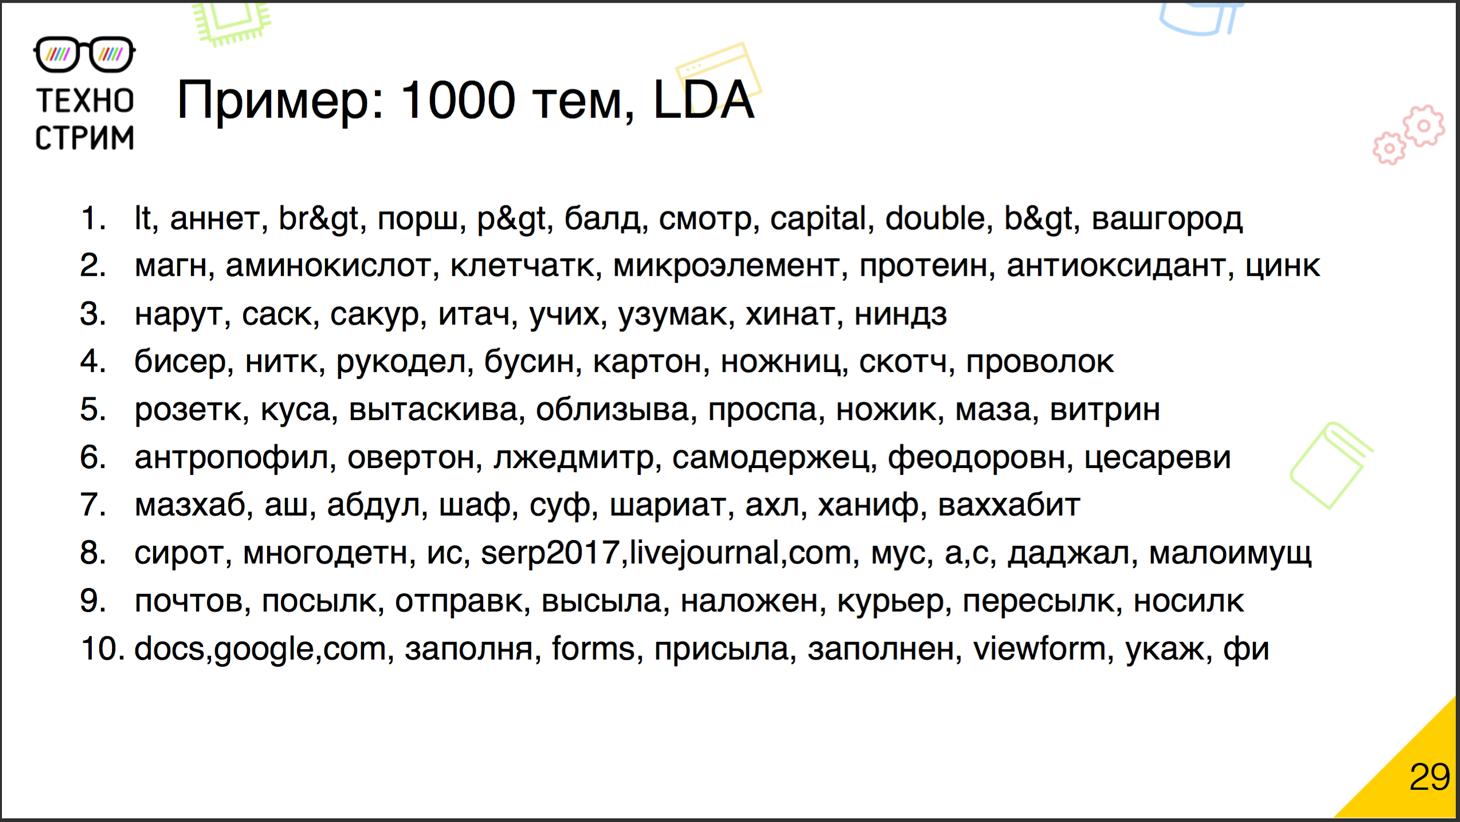 Обработка текстов на естественных языках - 15